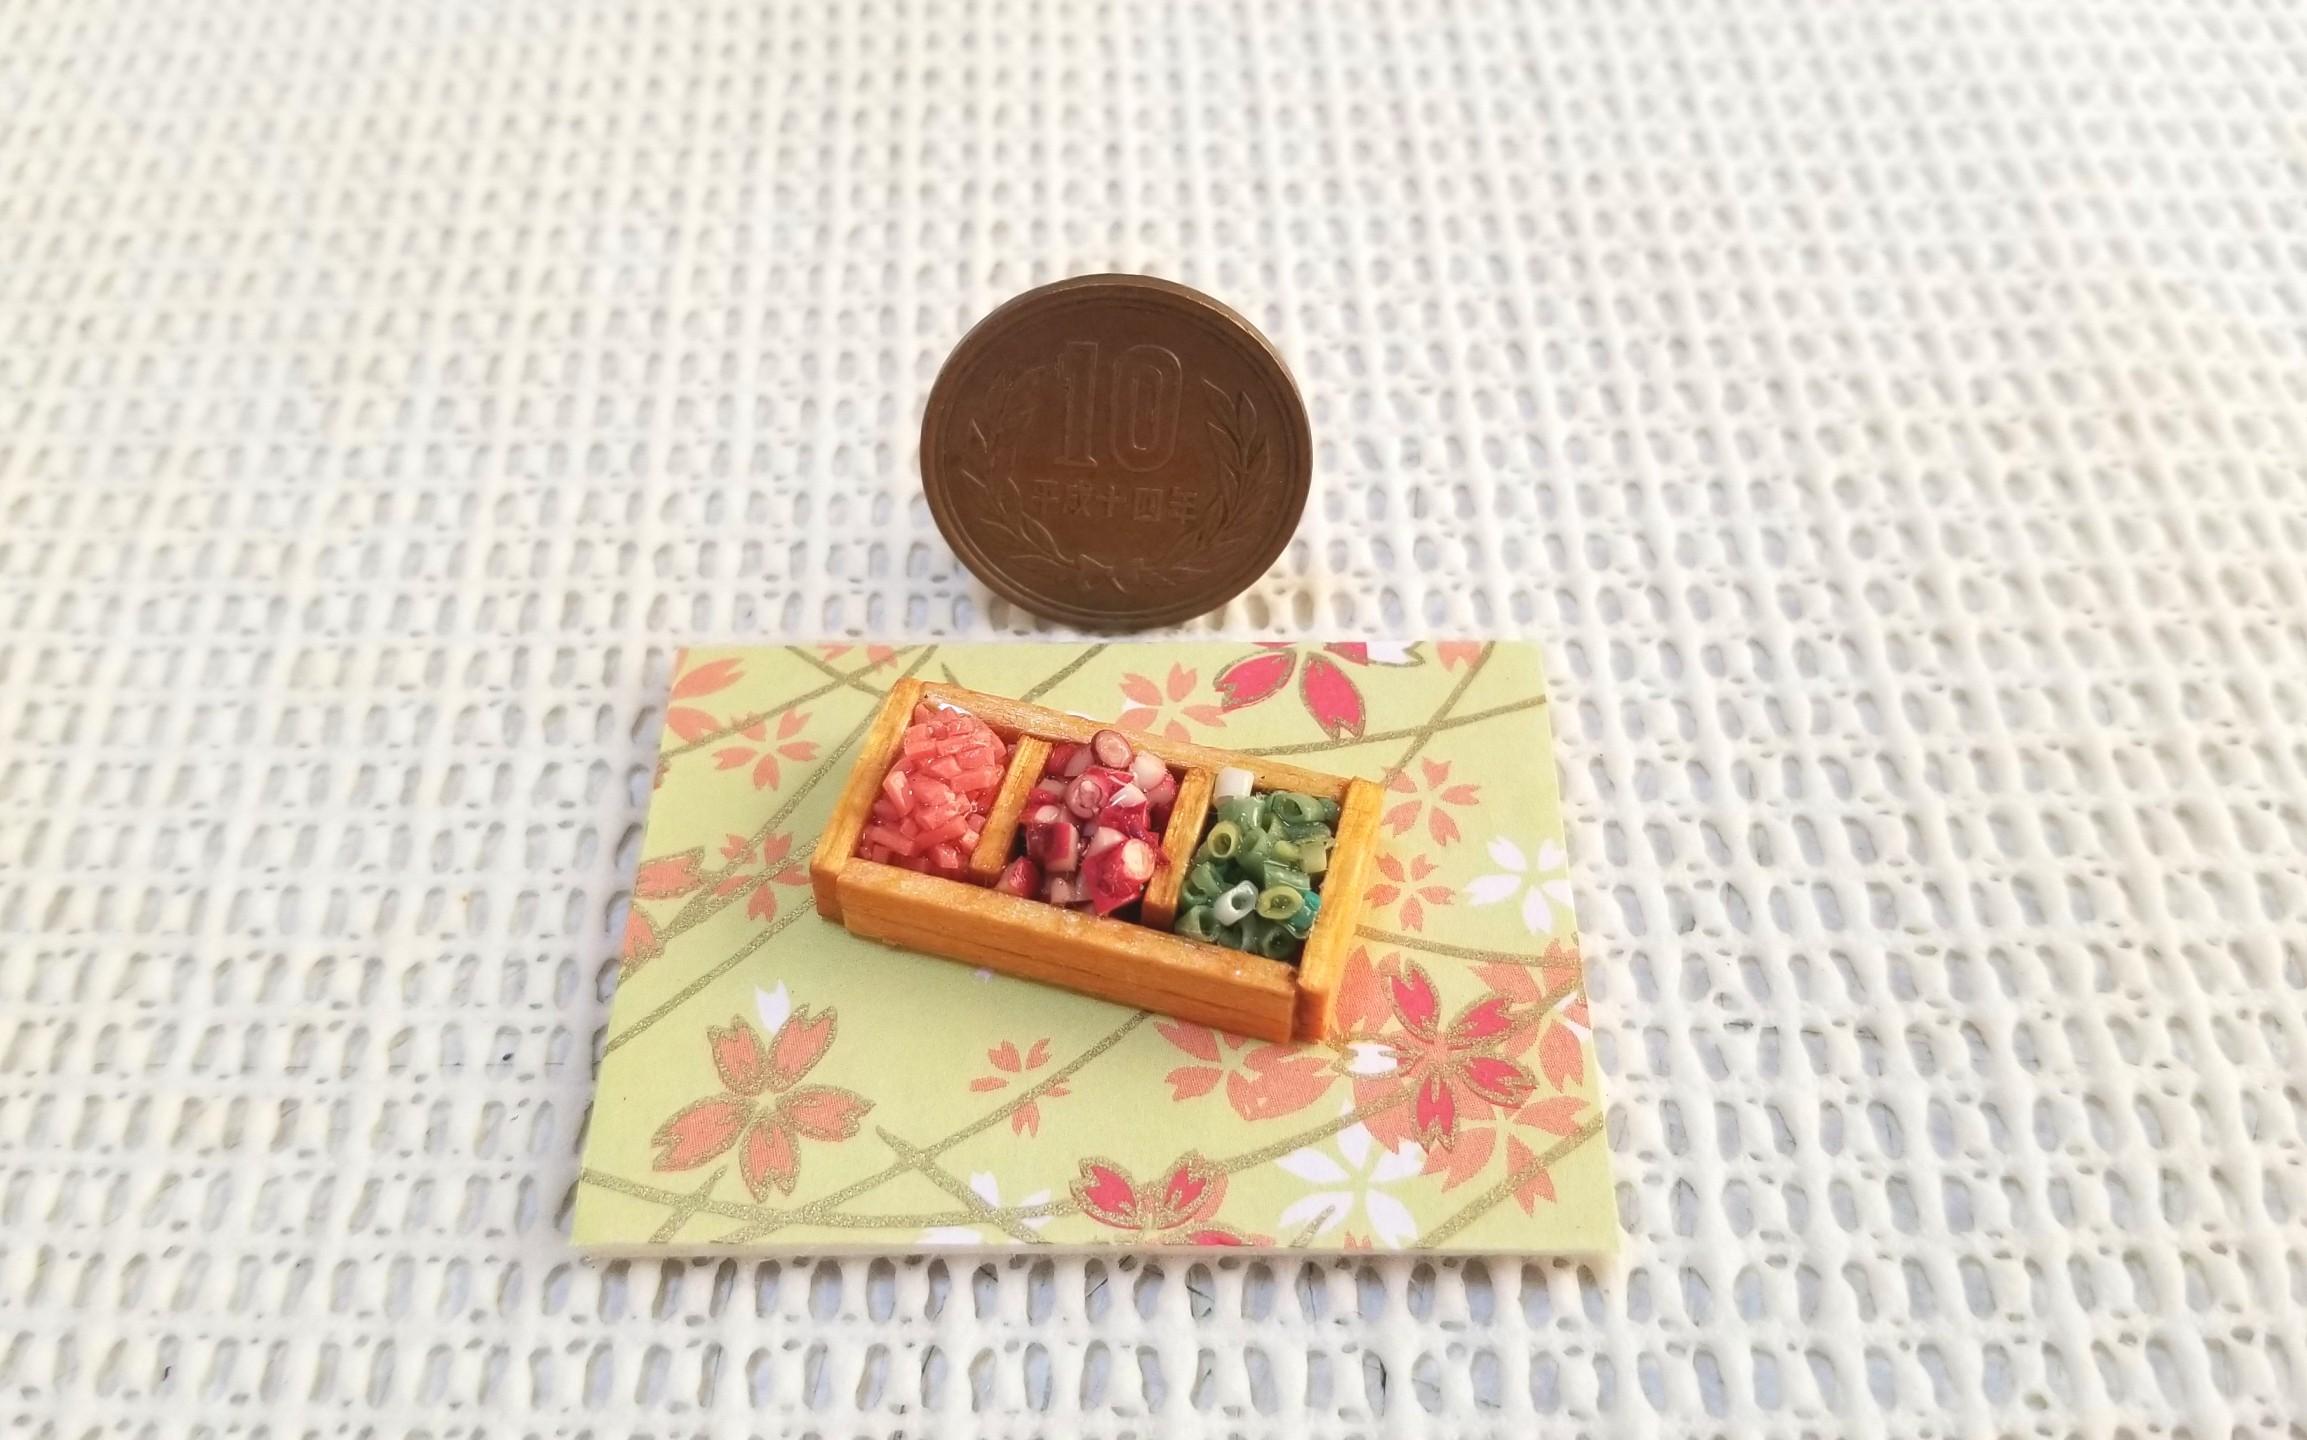 ミニチュアフード,たこ焼き,薬味,ねぎ,タコ,樹脂粘土,木箱,オビツ11